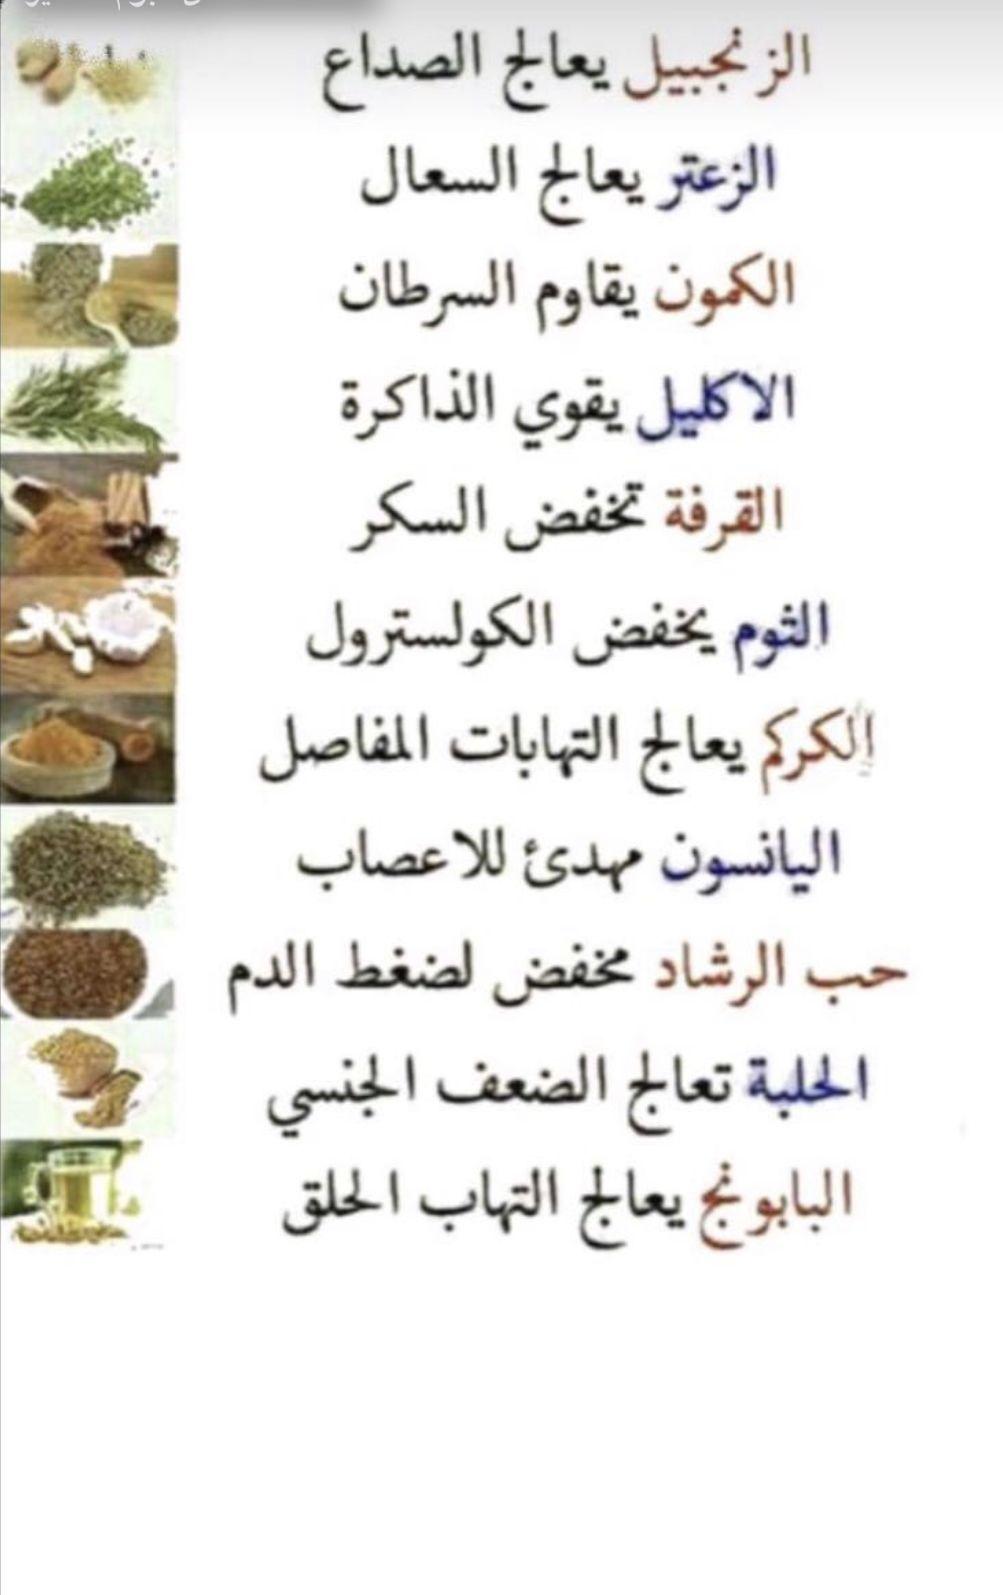 Pin By Wafaa Zuhair On علاج Health Fitness Food Health Facts Food Health Fitness Nutrition